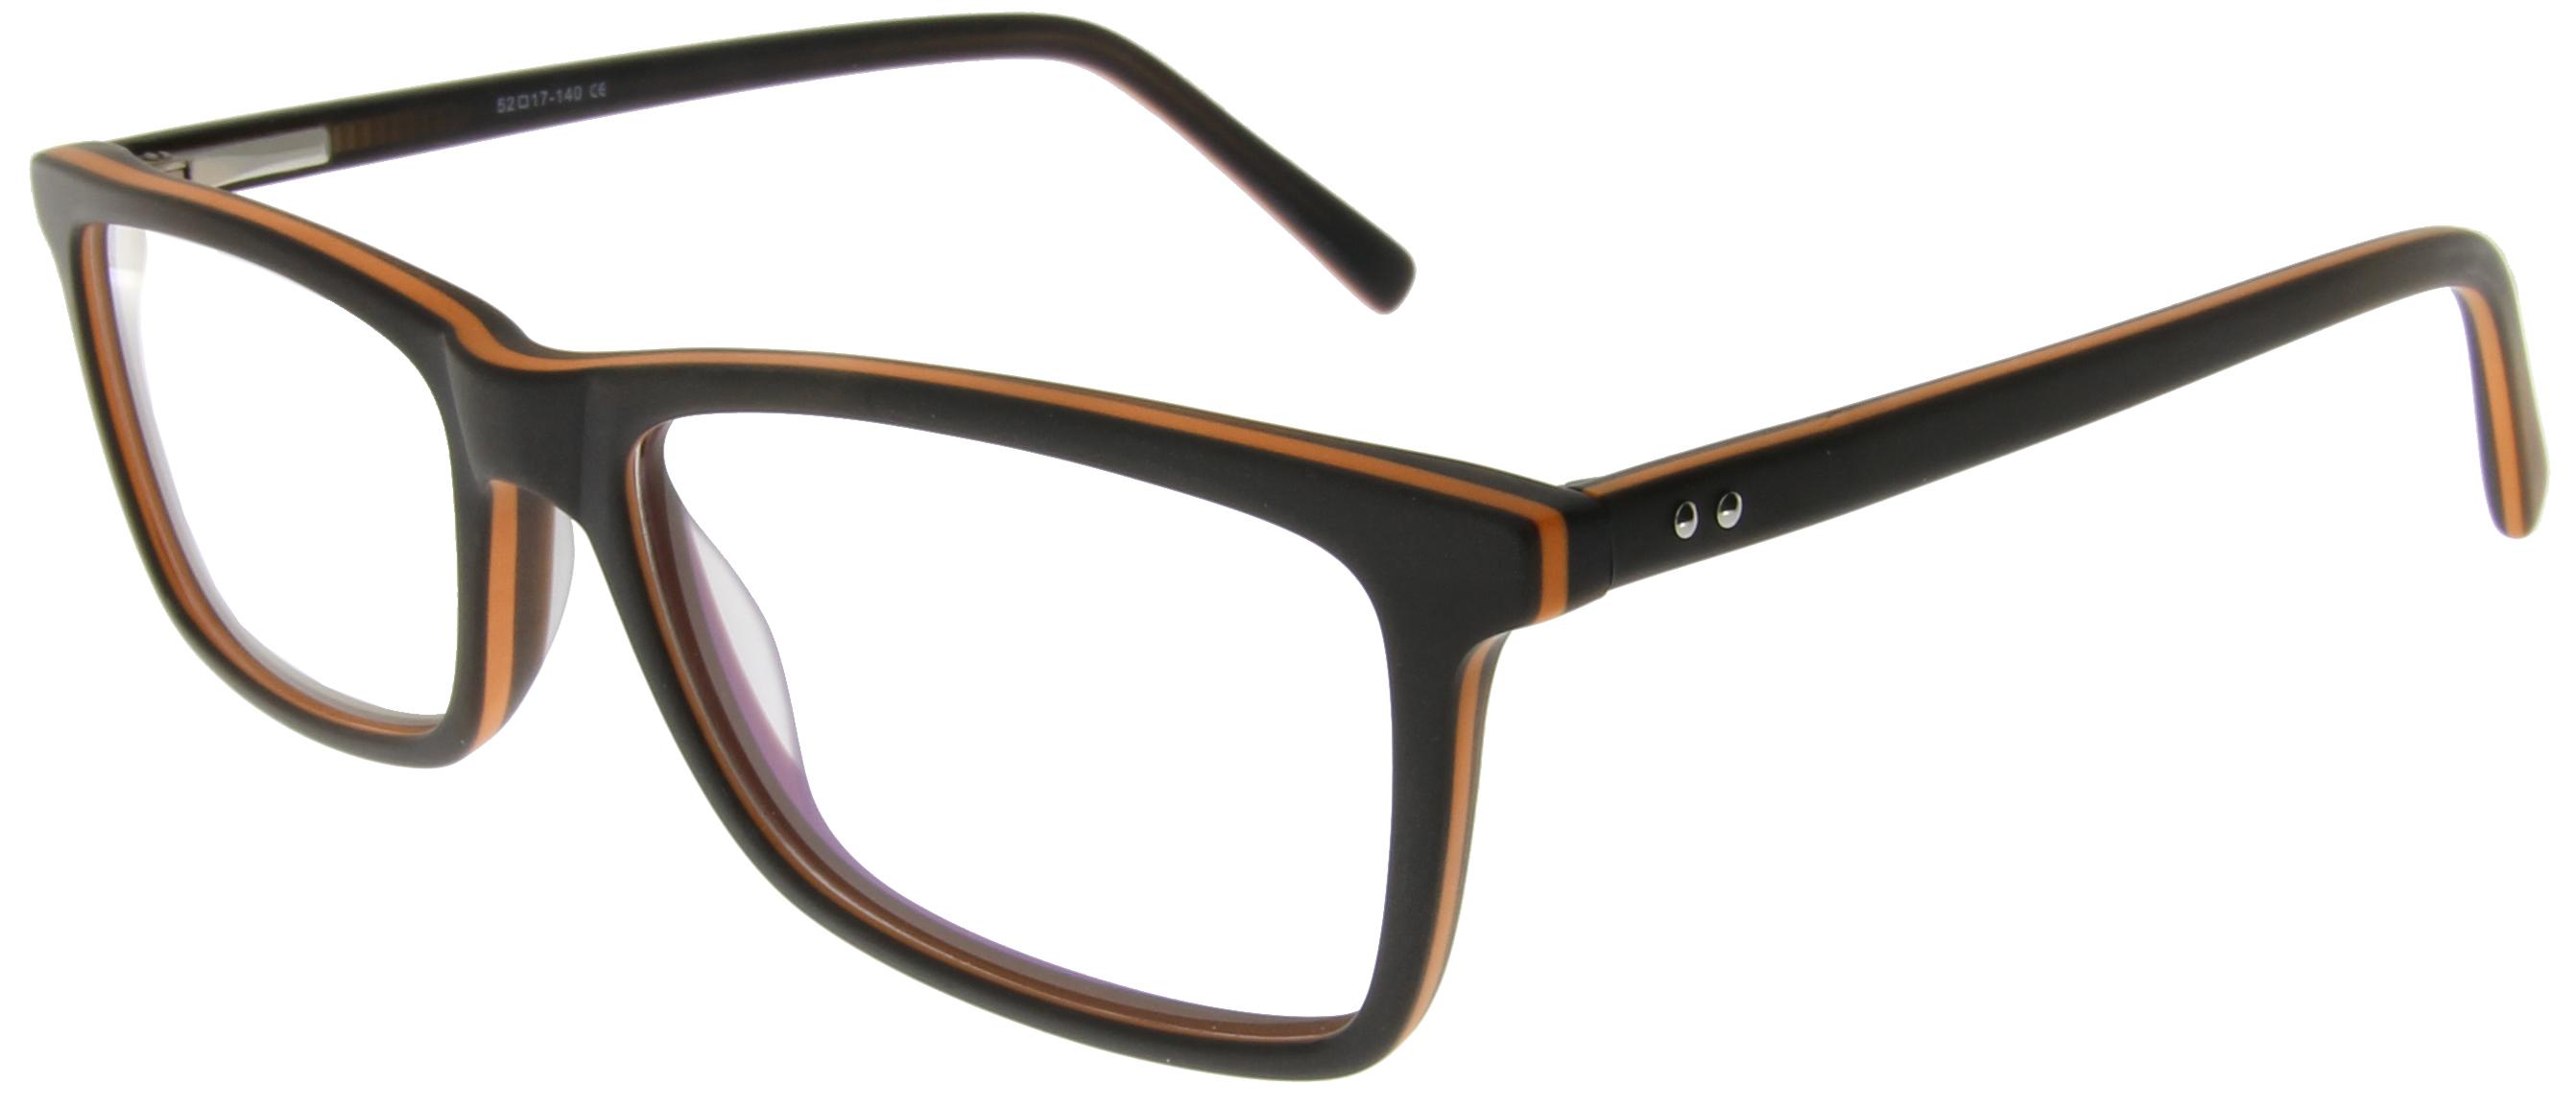 Eckige Kunststoffbrille in Orange und Schwarz